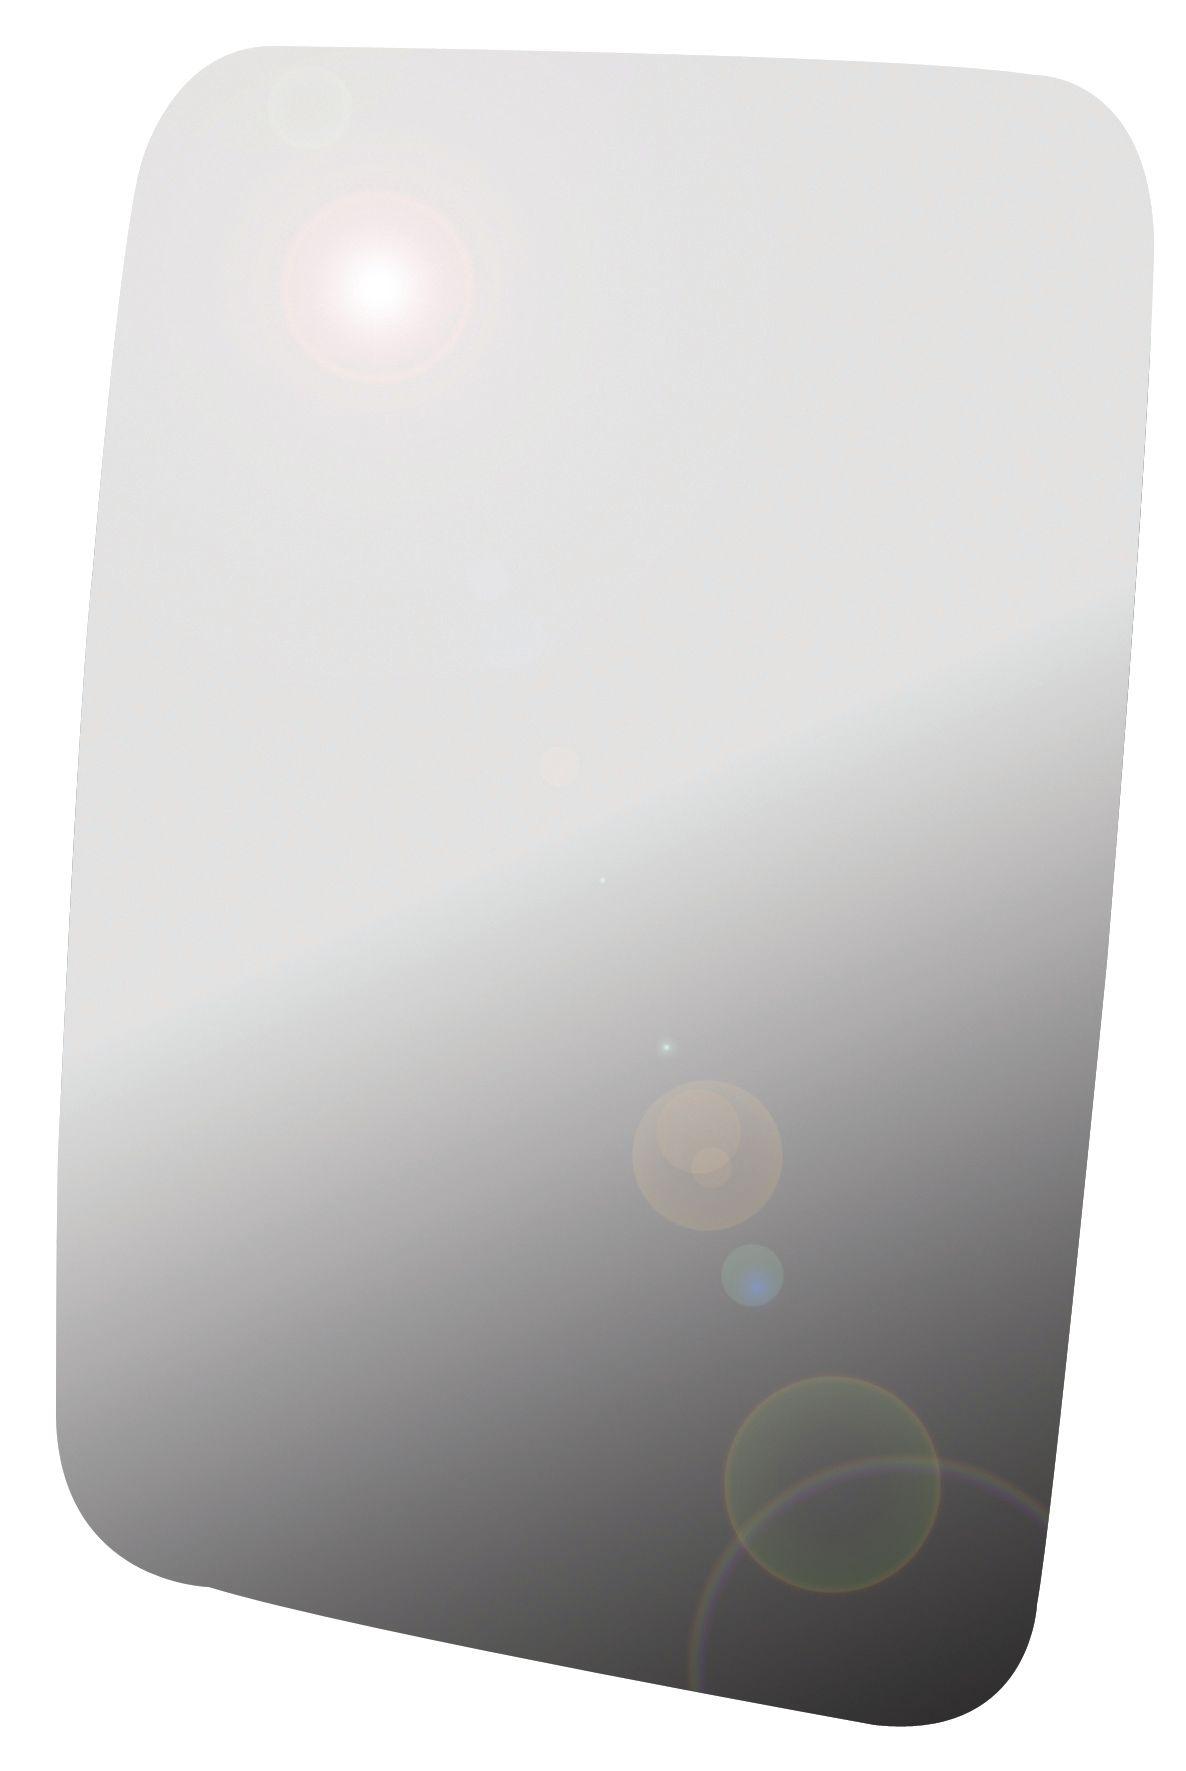 DEUTZ-FAHR MIRROR GLASS - 214X300MM 39731